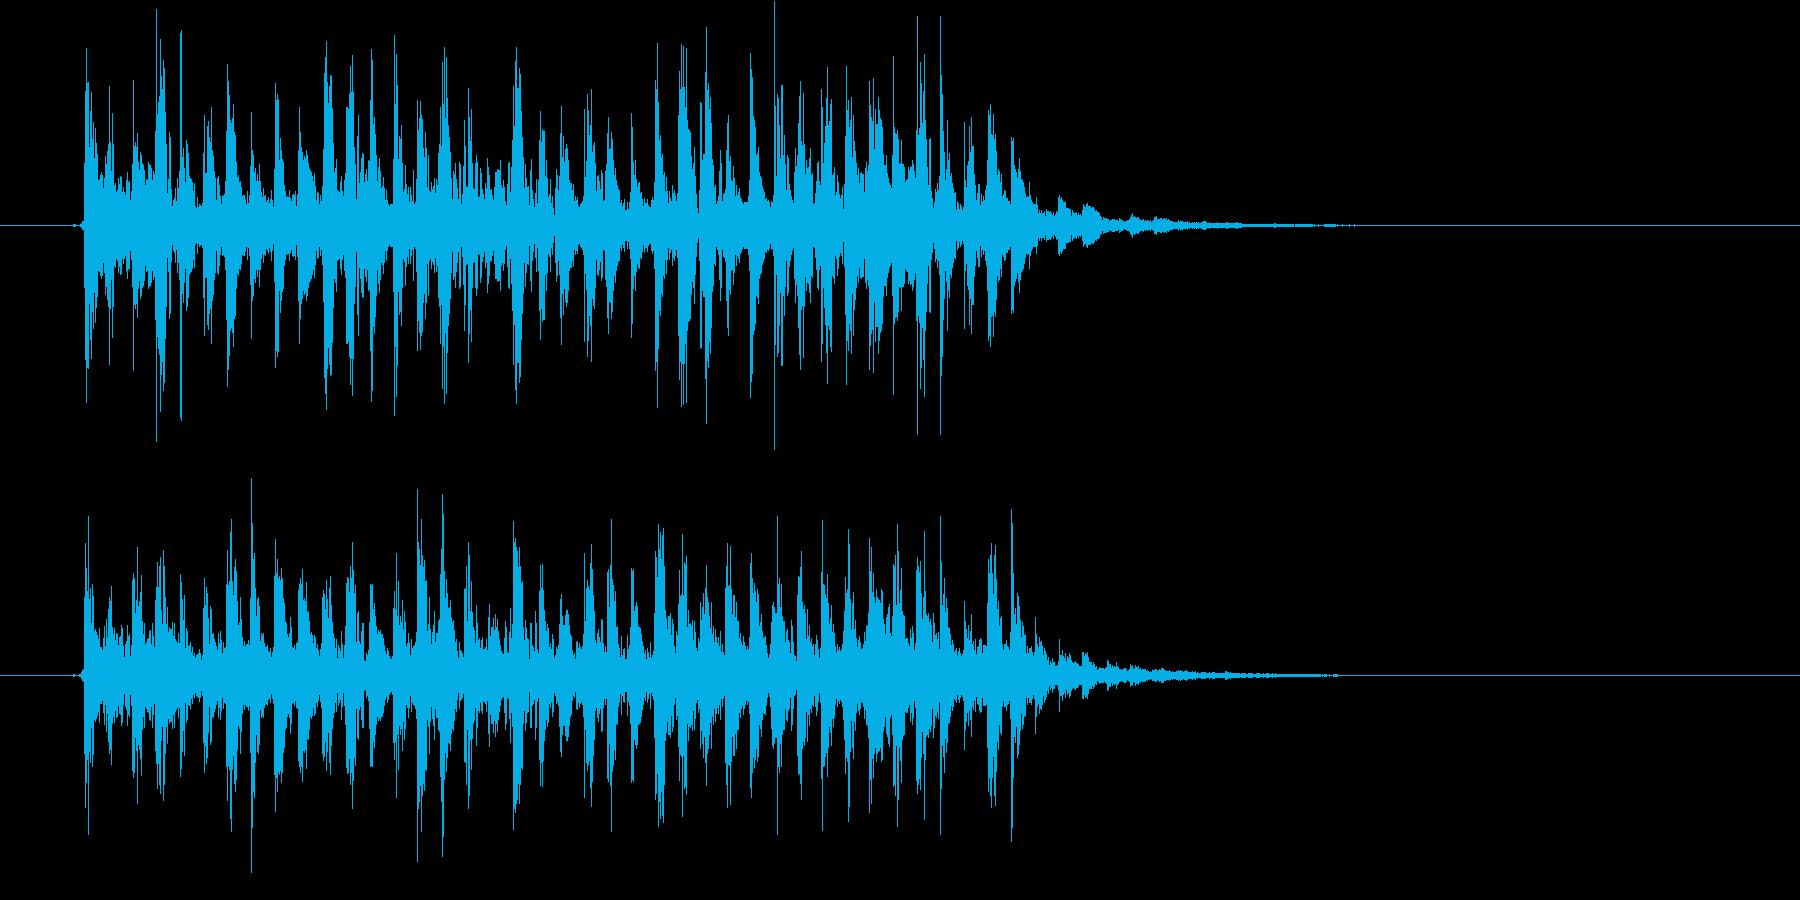 軽快でリズミカルなシンセジングルの再生済みの波形